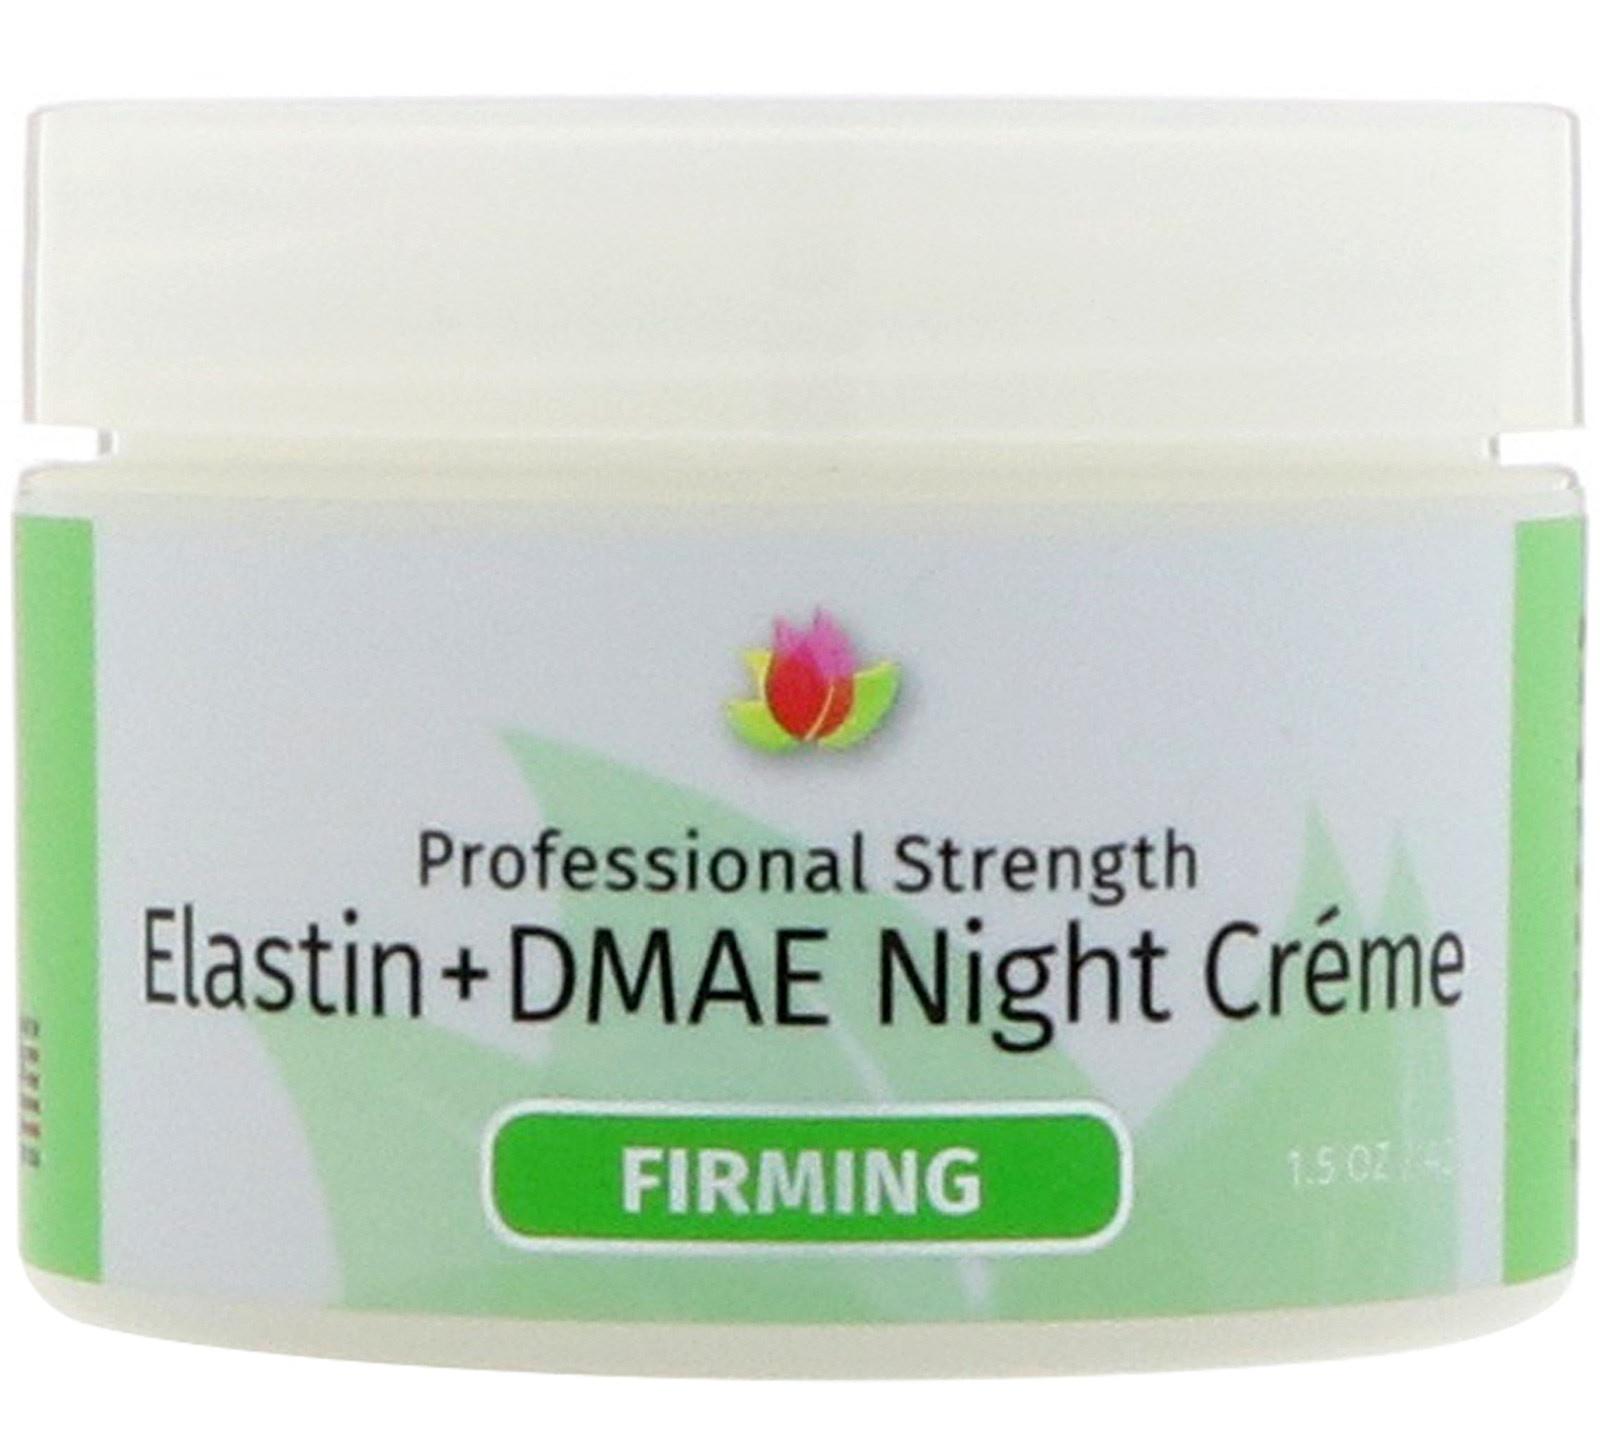 Reviva Labs Elastin + Dmae Night Creme